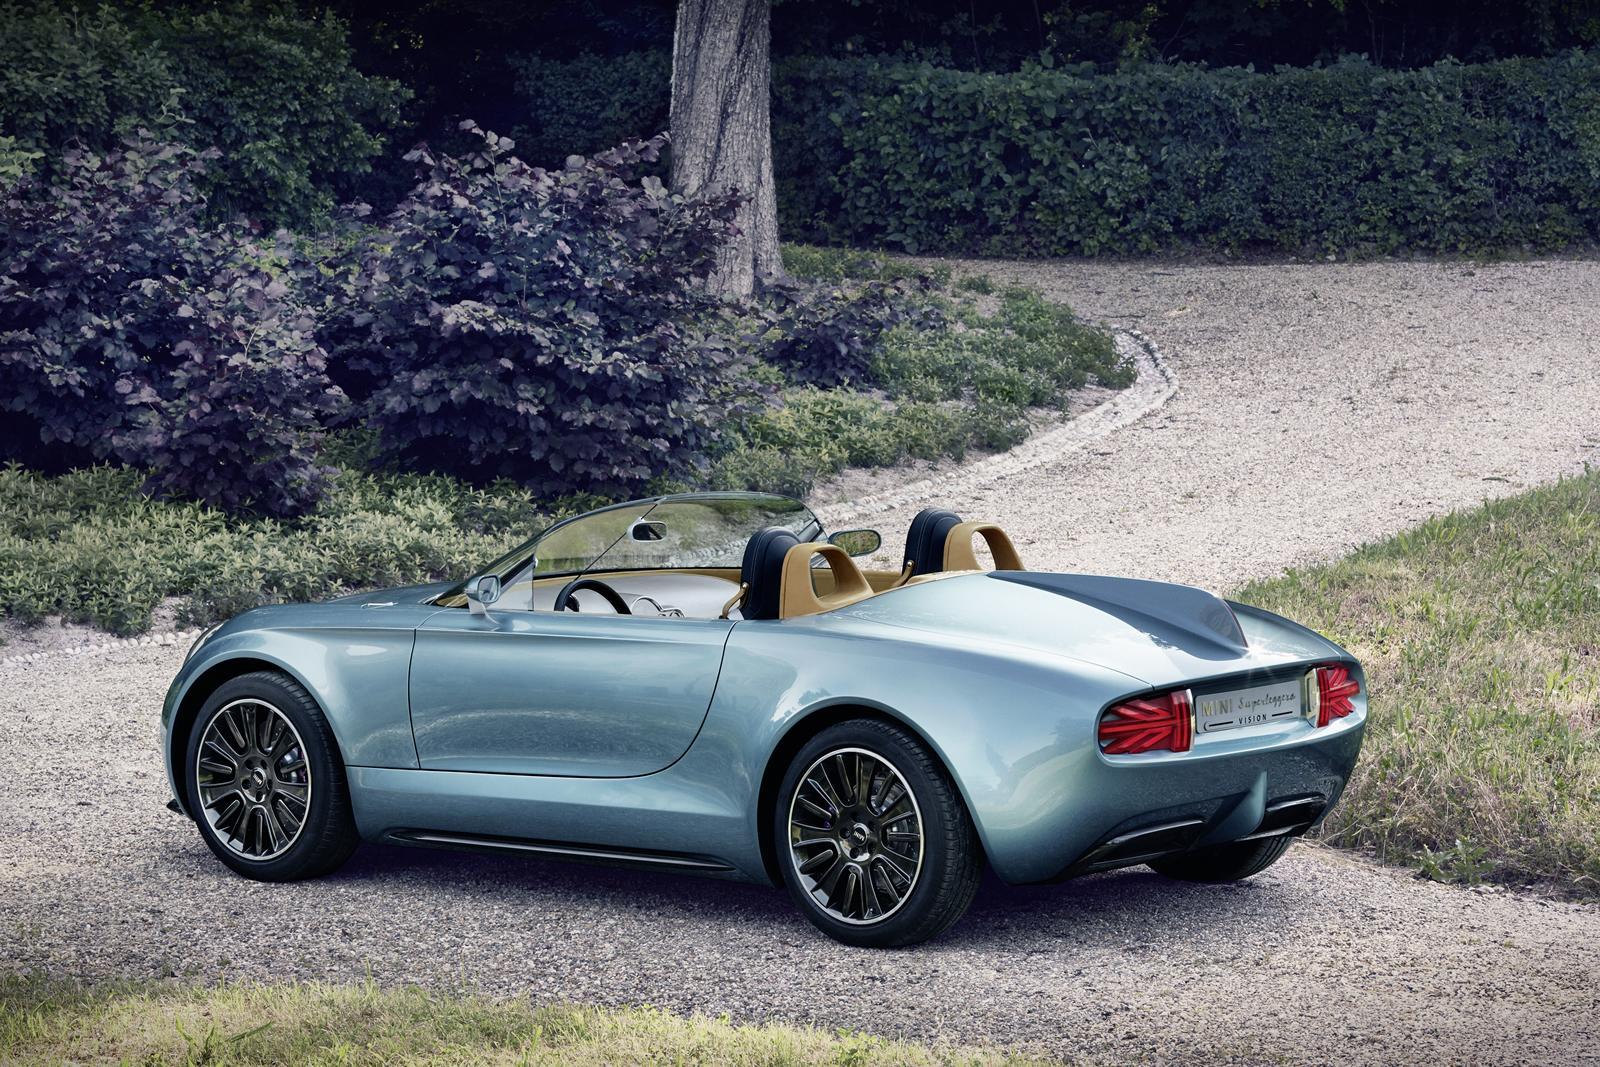 MINI aún no tiene claro que el Superleggera Concept vaya a ir a producción: Si lo hace, costará unos 35.000 euros 2